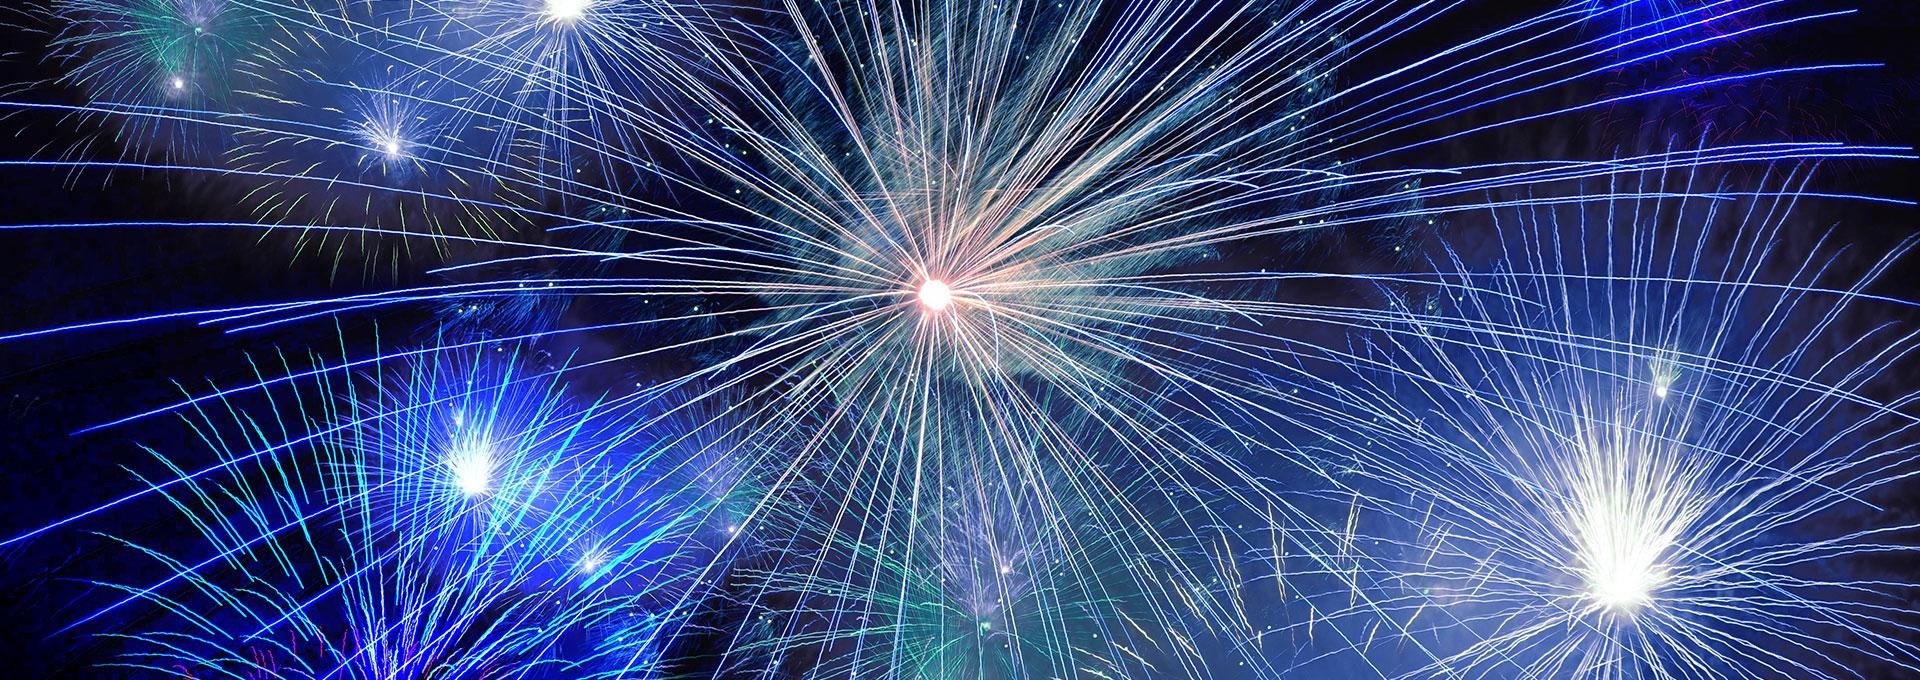 don't pack fireworks